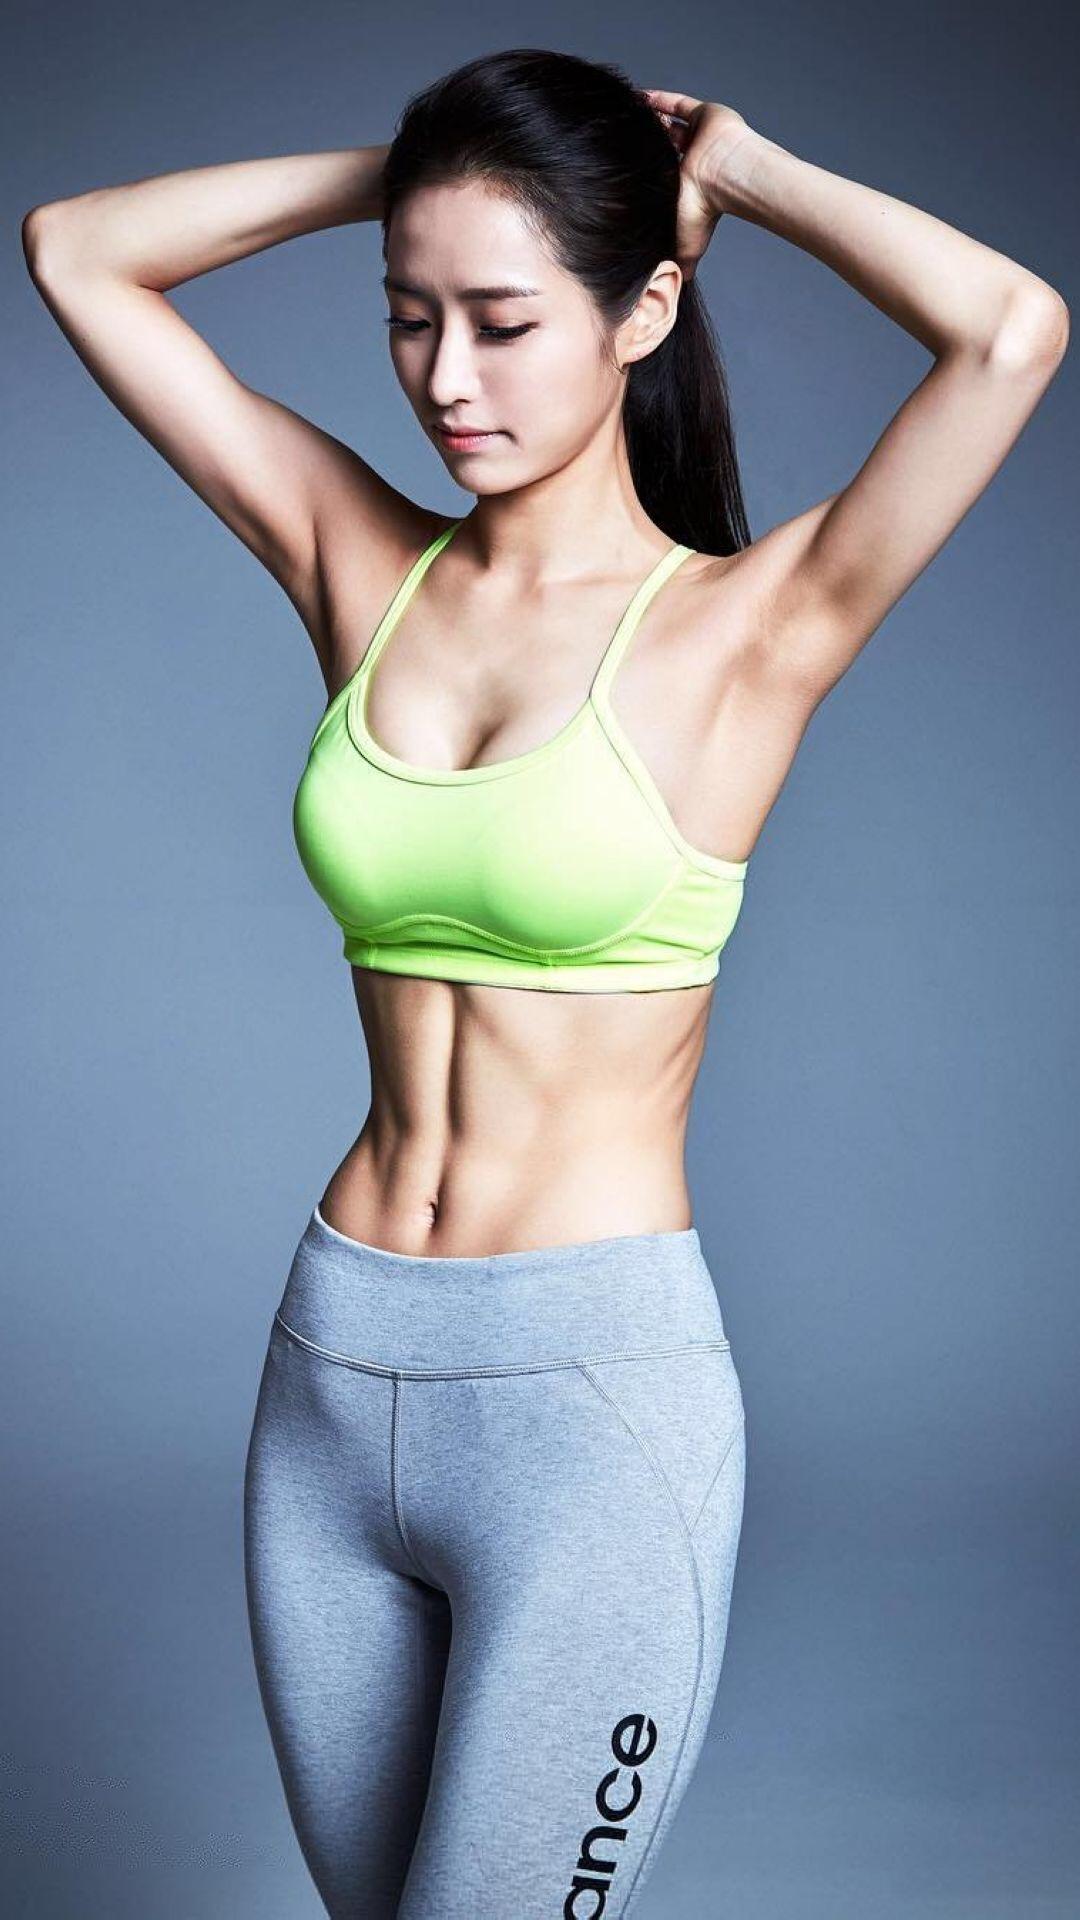 运动 女生 健身 苹果手机高清壁纸 1080x1920_爱思助手